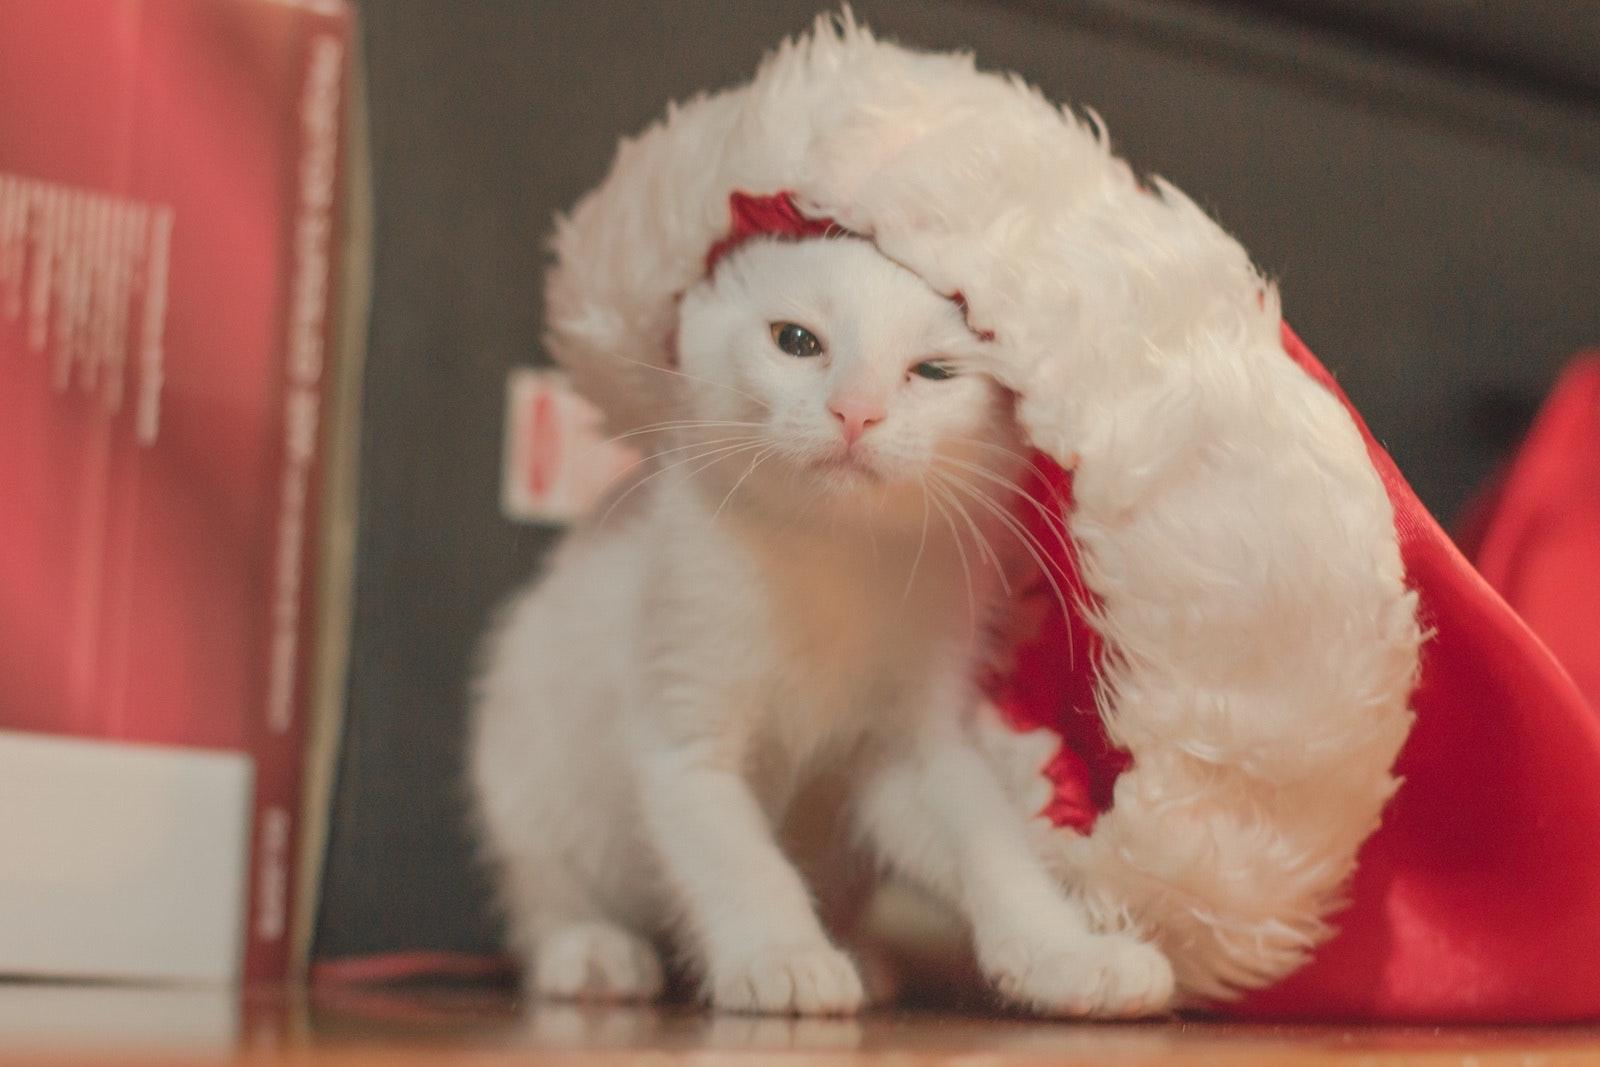 Joululoman tarpeessa? Katso 10 merkkiä